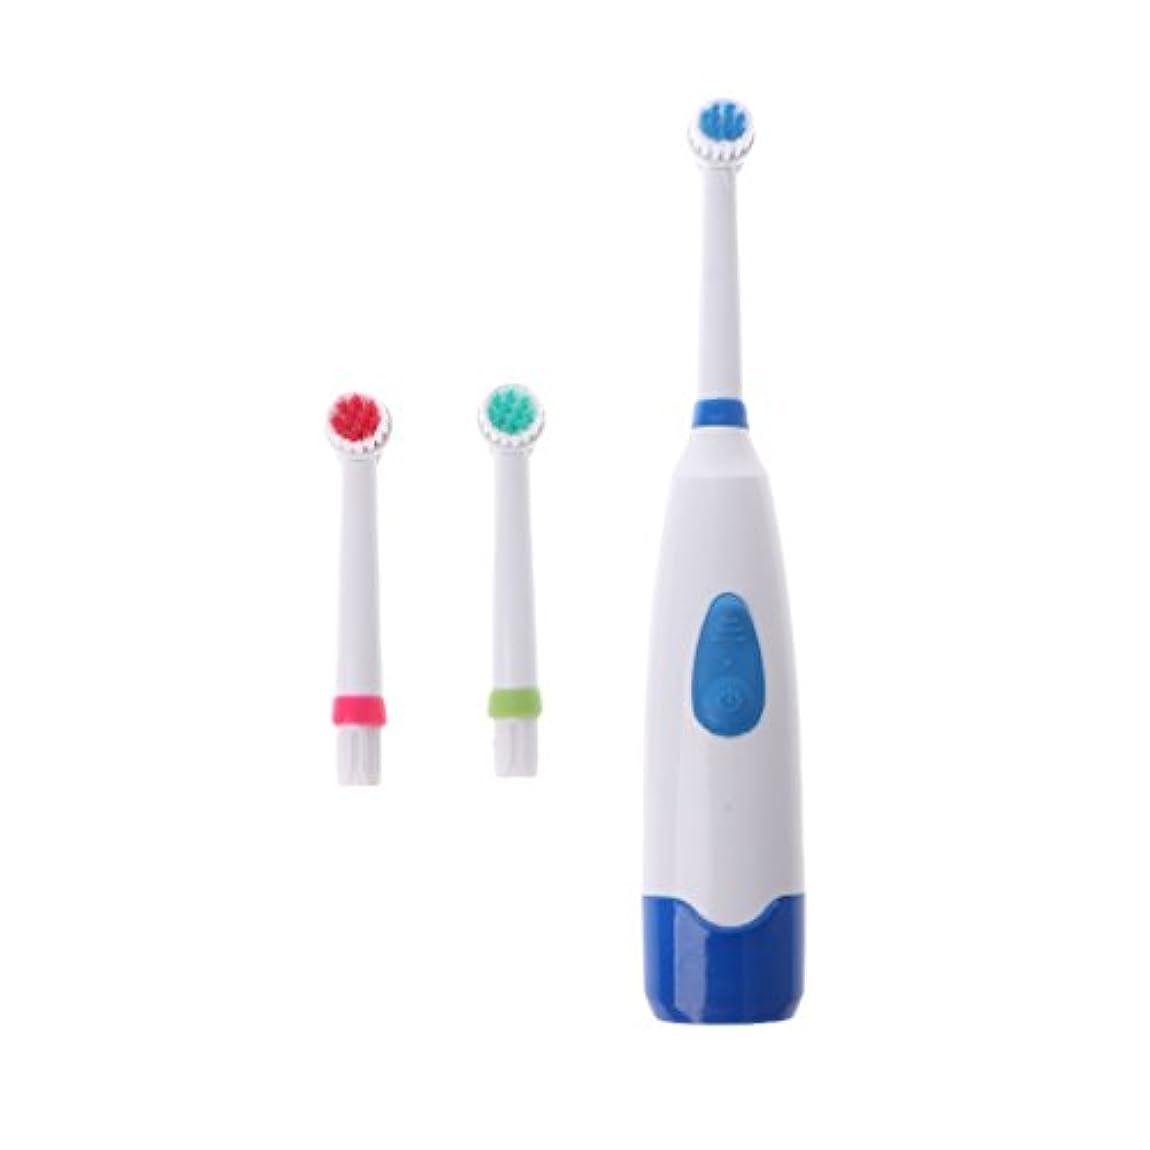 パンダ盲目しないでくださいManyao 3ブラシヘッドで防水回転電動歯ブラシ (青)